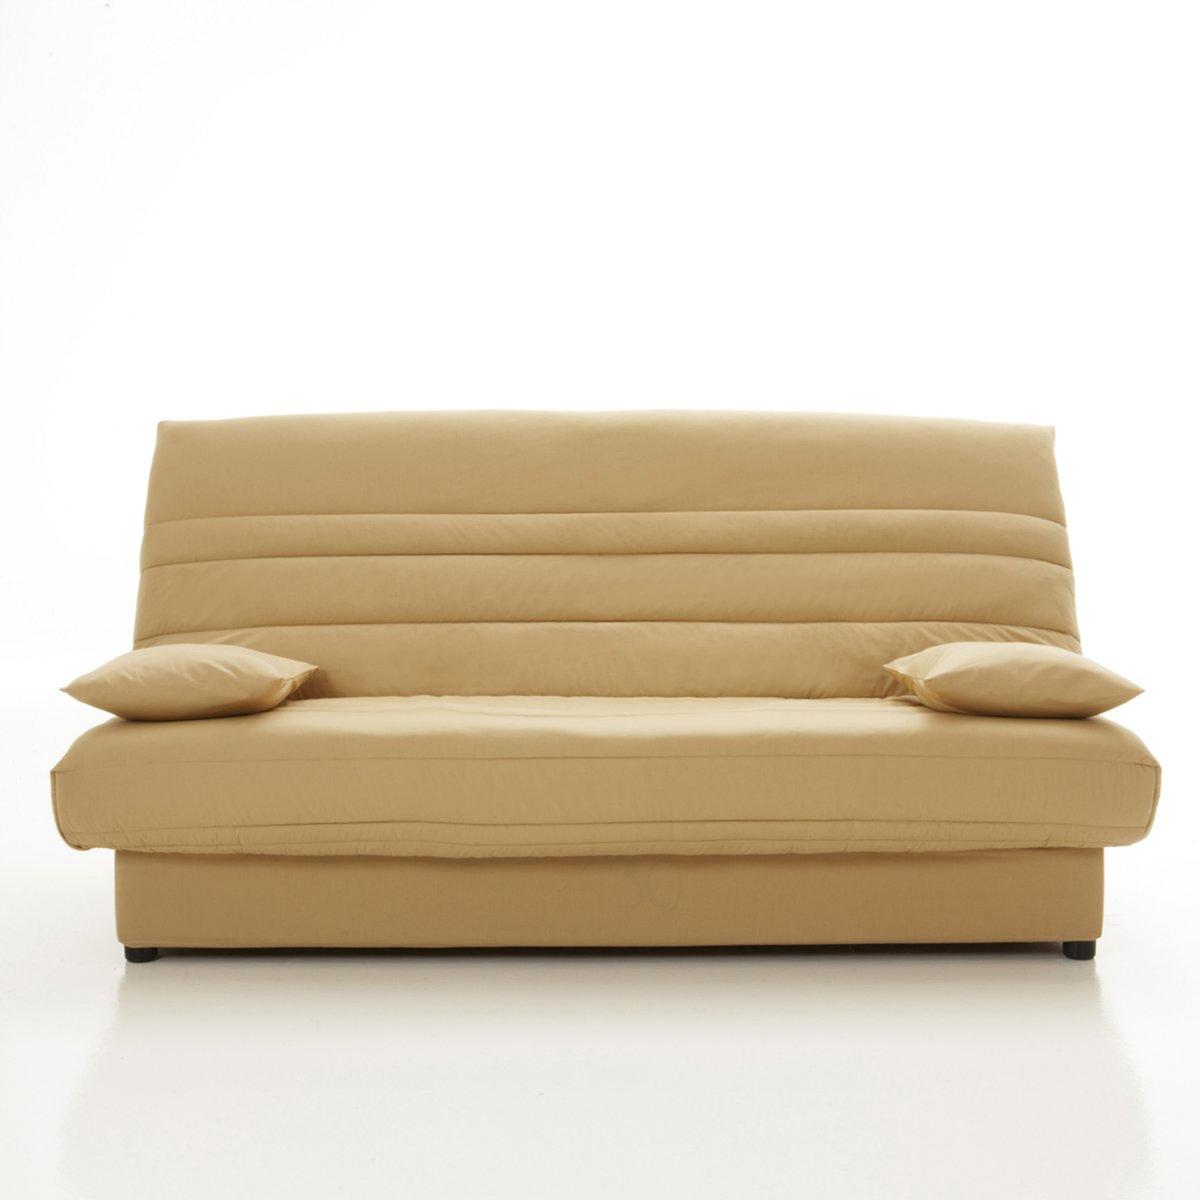 Чехол натяжной для дивана-книжки и складной тумбы, усовершенствованная модельРазмеры чехла :3 варианта ширины :Ширина: 120 см.Ширина  130 смШирина 140 смОписание :- Стеганый чехол с наполнителем из полиэстера (250 г/м?)- На резинке.- Поставляется в комплекте с 2 чехлами на подушку-валик и лентой для складной тумбыОбивка :- Однотонная расцветка : 100% хлопок, пропитка от пятен (250 г/м?)- Расцветка с рисунком : 50% хлопка, 50% полиэстера- Меланжевая расцветка : 100% полиэстер- Предоставляем бесплатные образцы материала : Введите примеры дивана-книжки в поисковой системе на сайте laredoute.ru.Другие модели коллекции чехлов с защелками вы можете найти на сайте laredoute.ru<br><br>Цвет: антрацит,бежевый песочный,горчичный,красный,светло-серый,серо-каштановый меланж,серо-коричневый каштан,сине-зеленый,темно-серый меланж,темно-фиолетовый,шоколадно-каштановый<br>Размер: 140 x 190  см.120 x 190  см